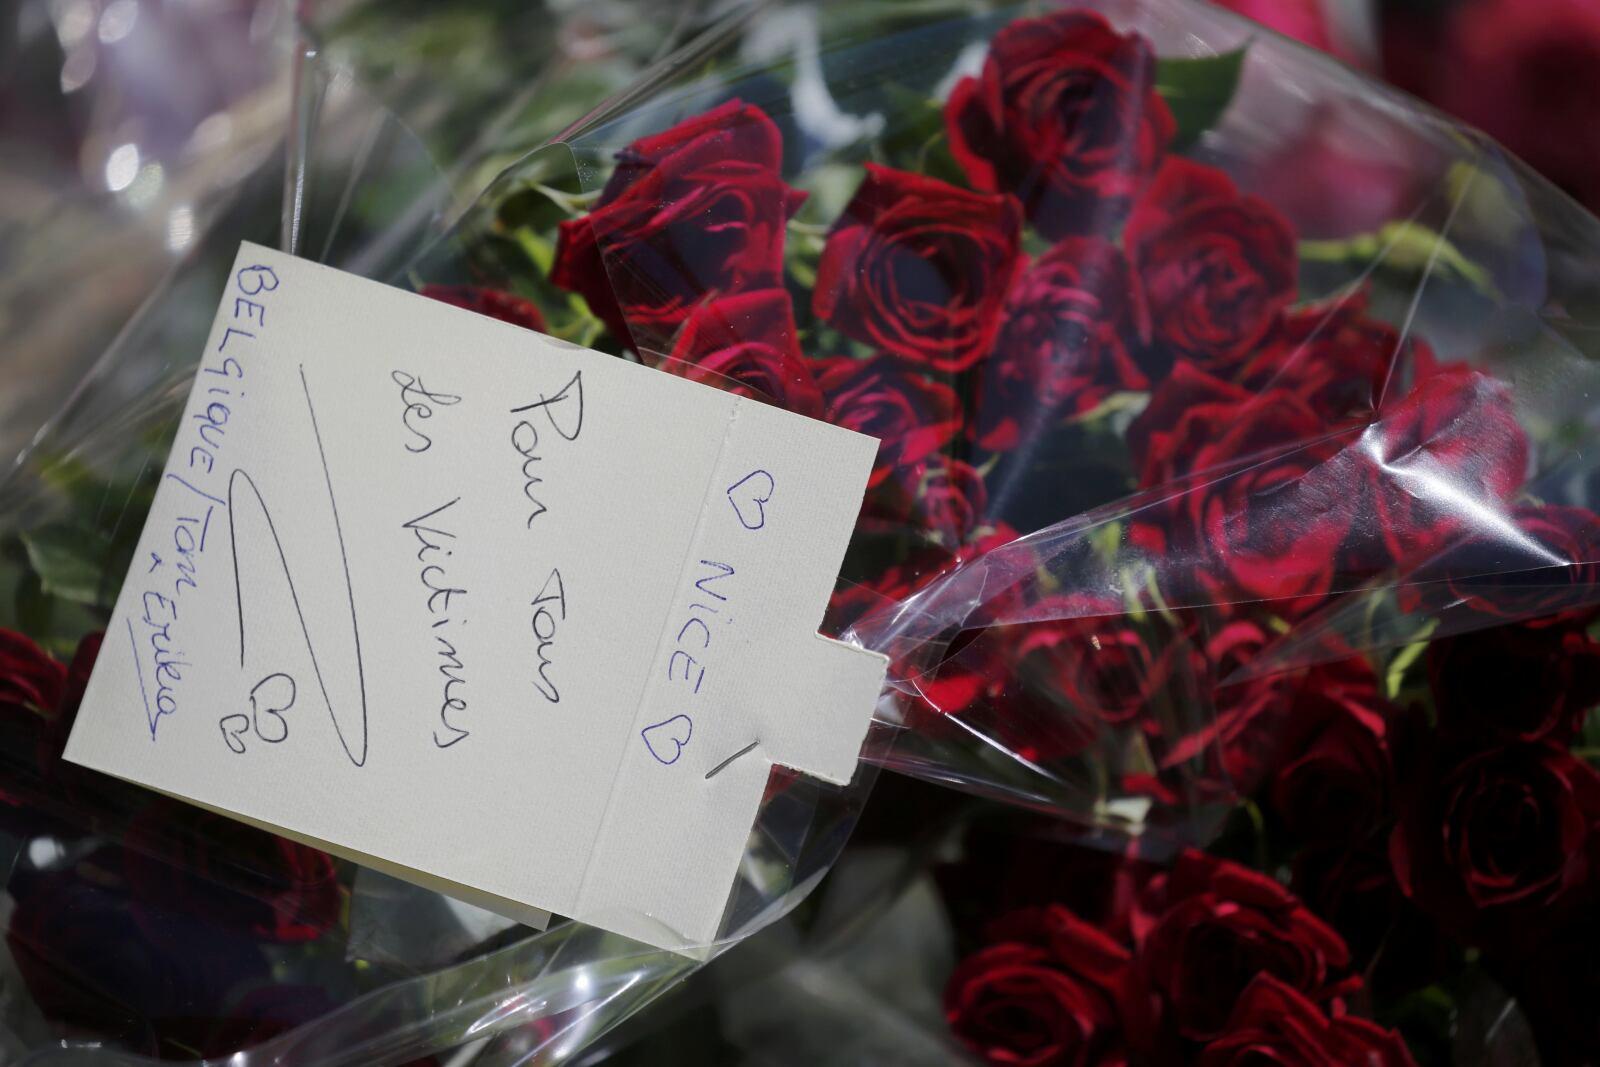 Personas dejaron flores y mensajes como tributo a las víctimas del atentado en el que decenas de personas murieron.